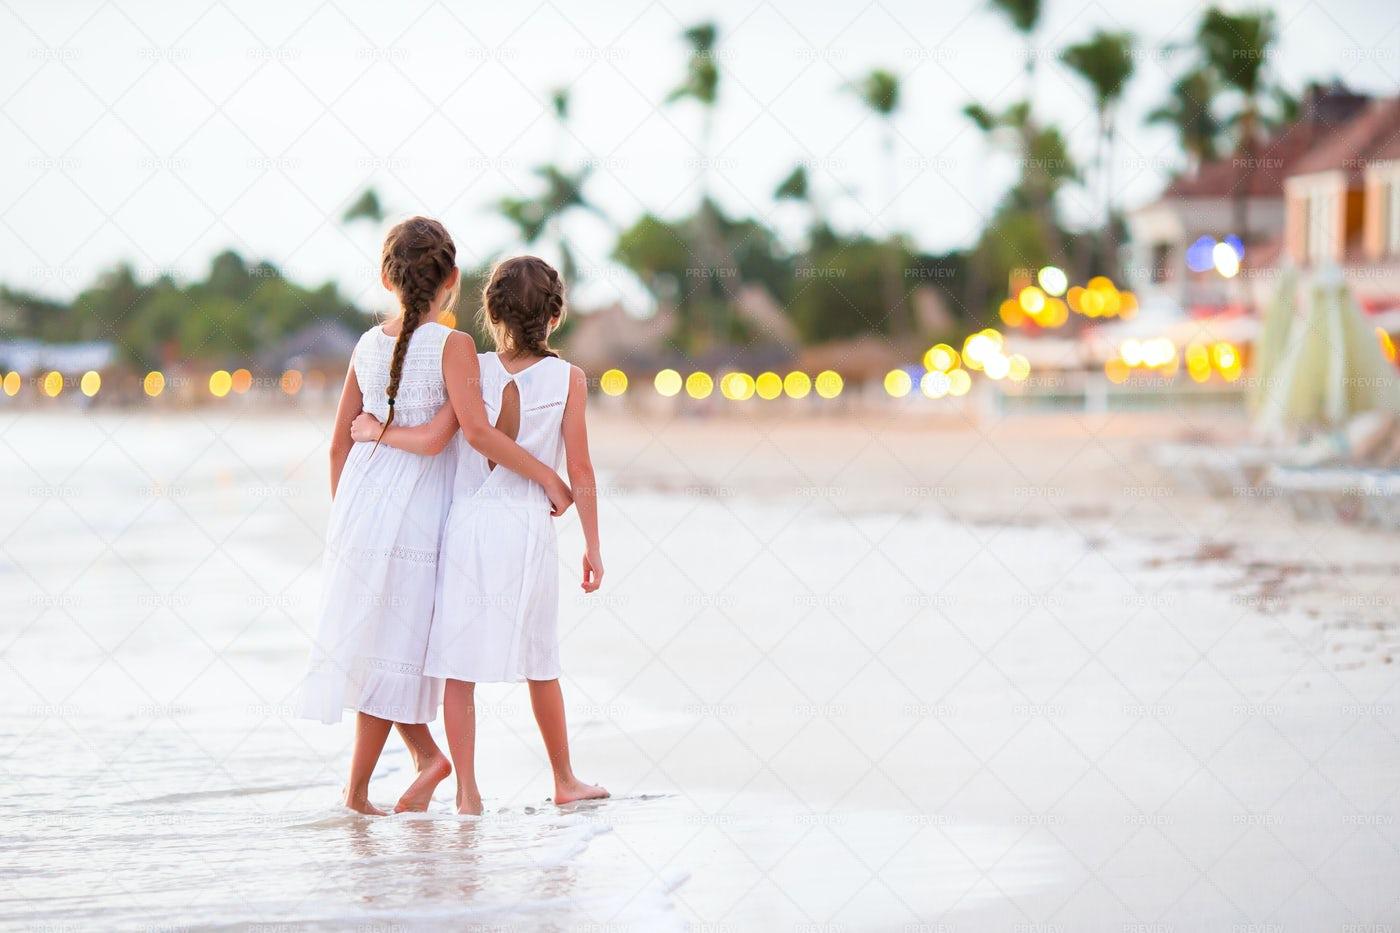 Sisters Hug On Tropical Beach: Stock Photos